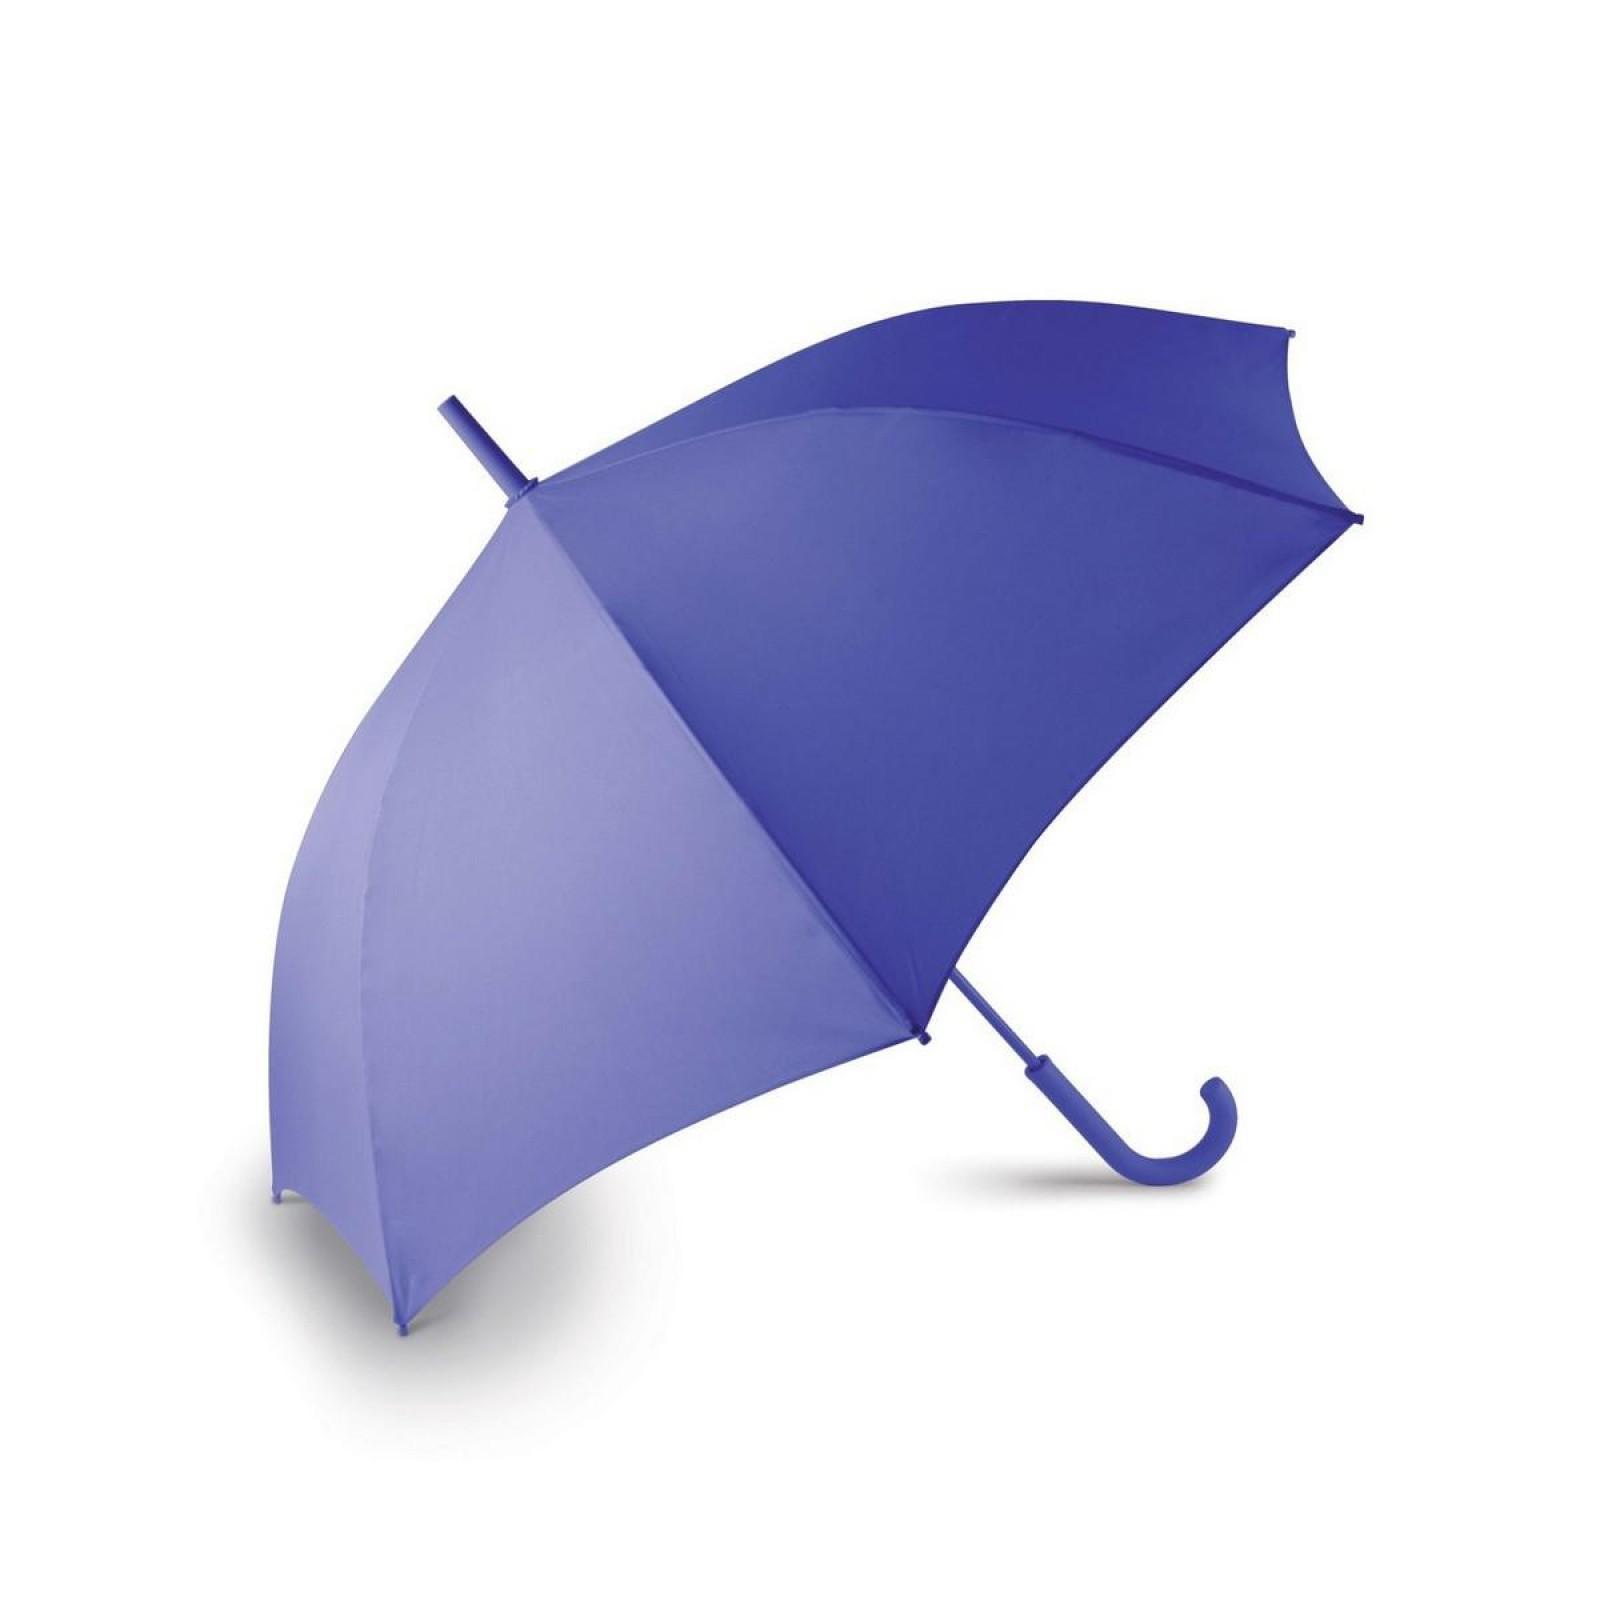 Αυτόματη Ομπρέλα Charlie (Μπλε) - LEXON